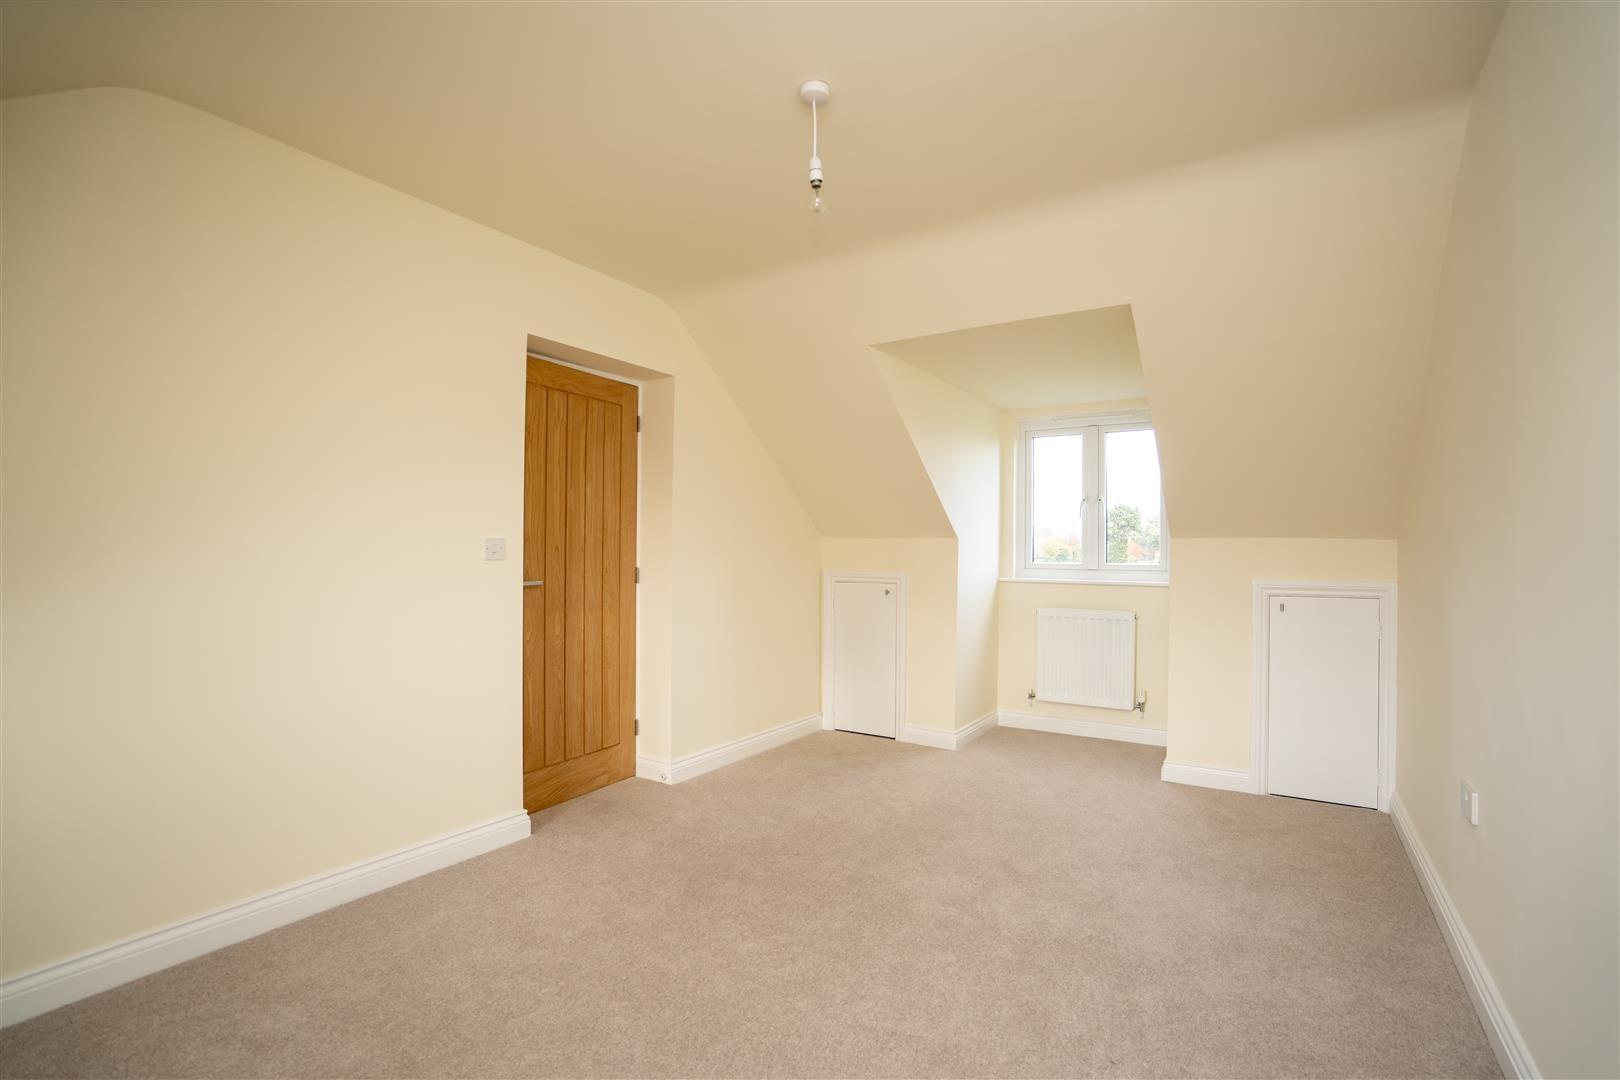 4 bed detached for sale in Kingsland  - Property Image 14